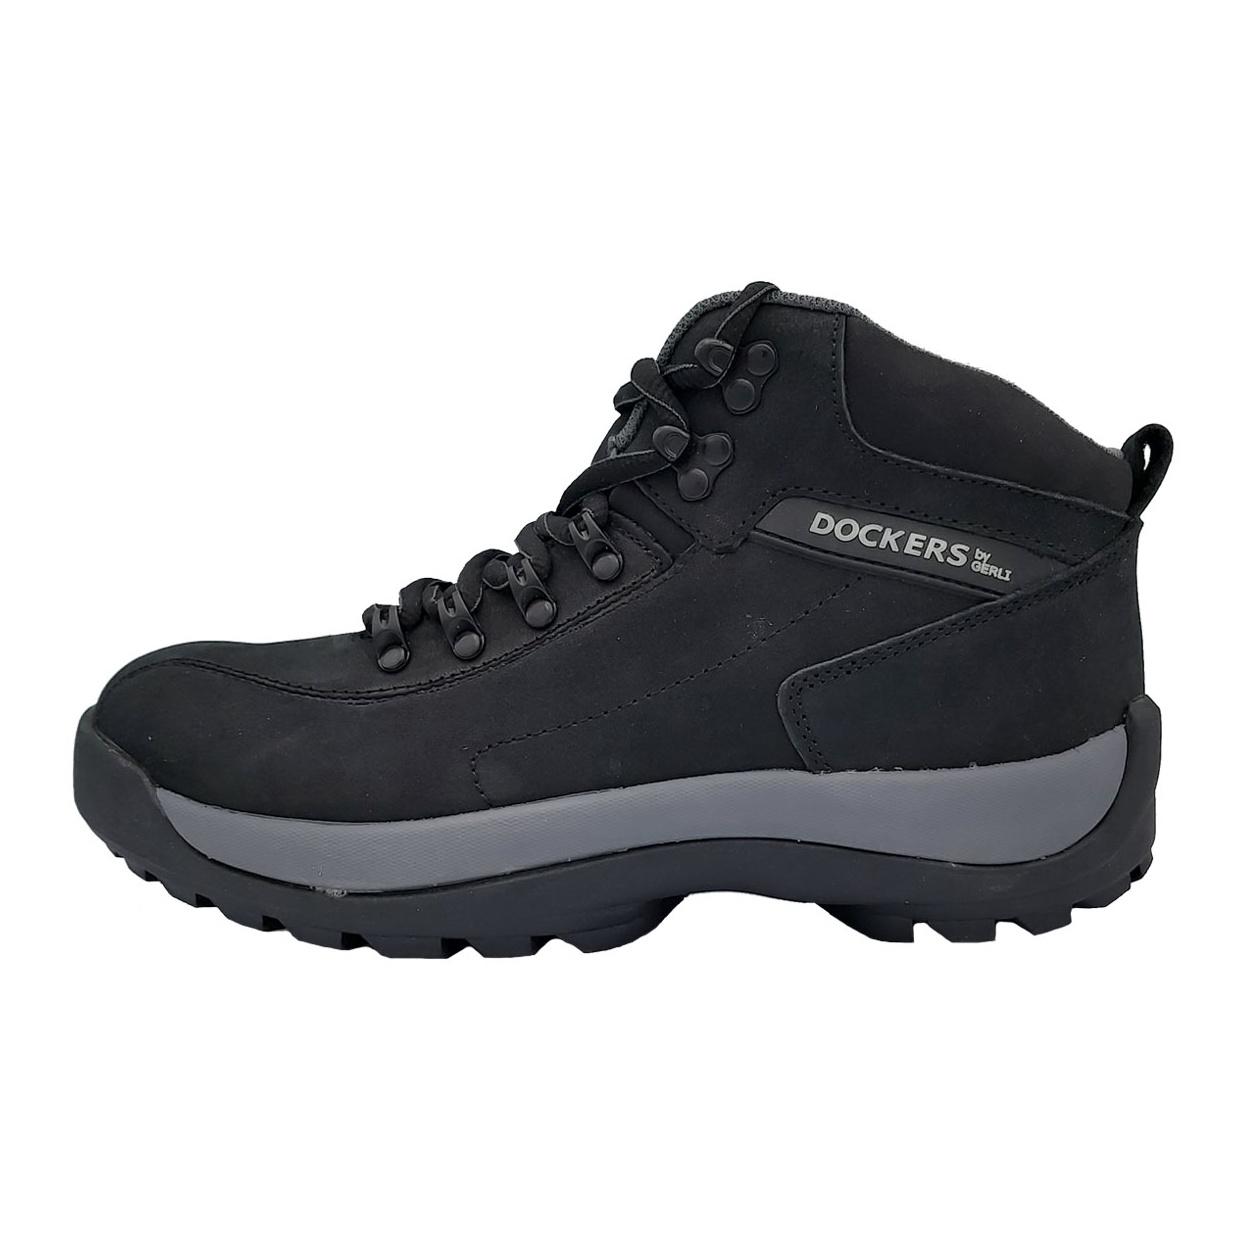 کفش مخصوص کوهنوردی مردانه داکرز مدل DOCK G02